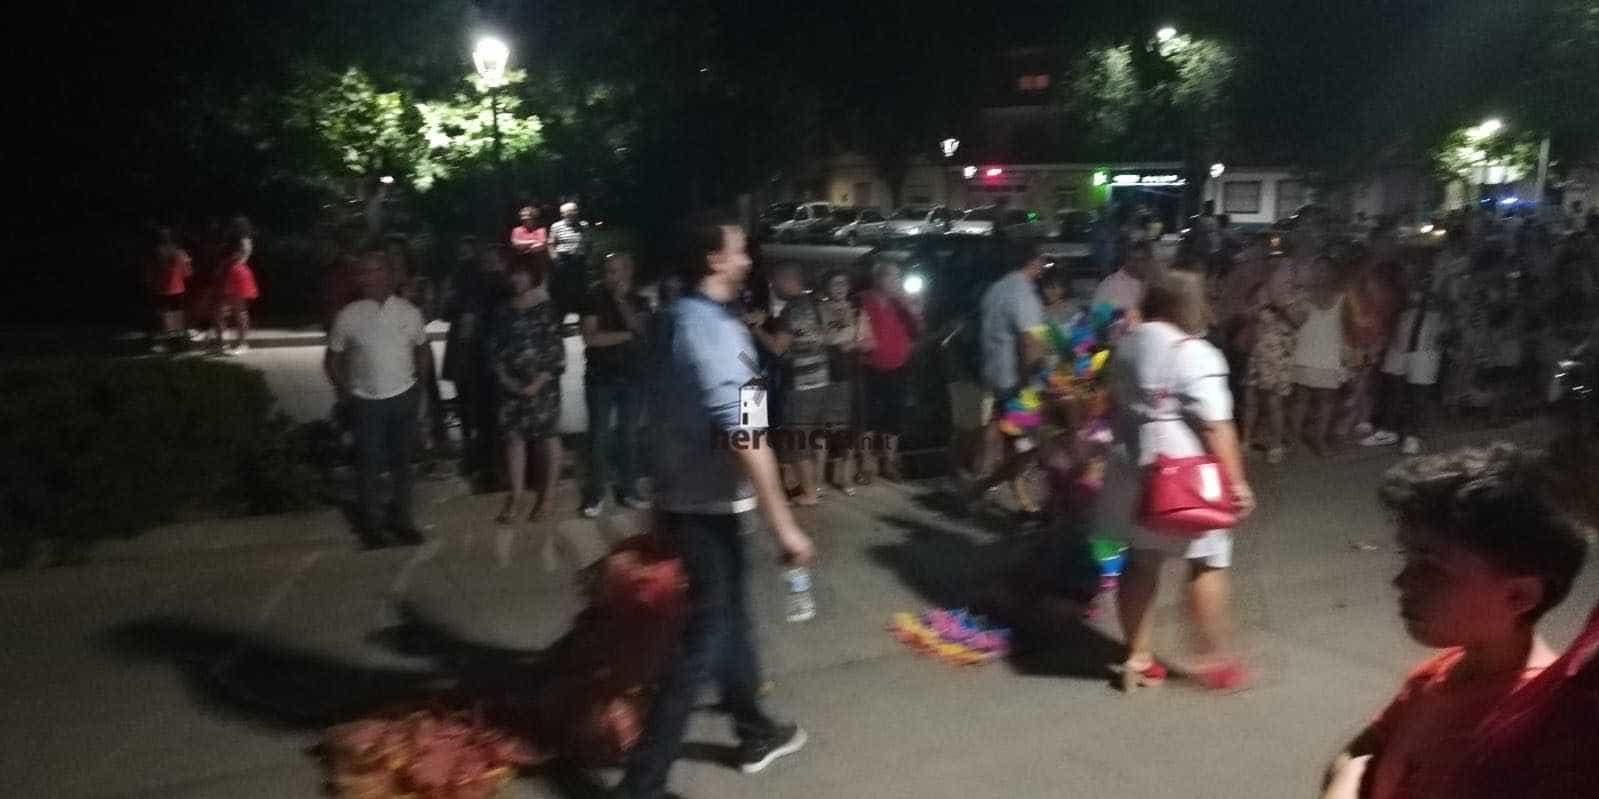 Carnaval de herencia 2019 galeria 54 - Galería de fotografías del Carnaval de Verano 2019